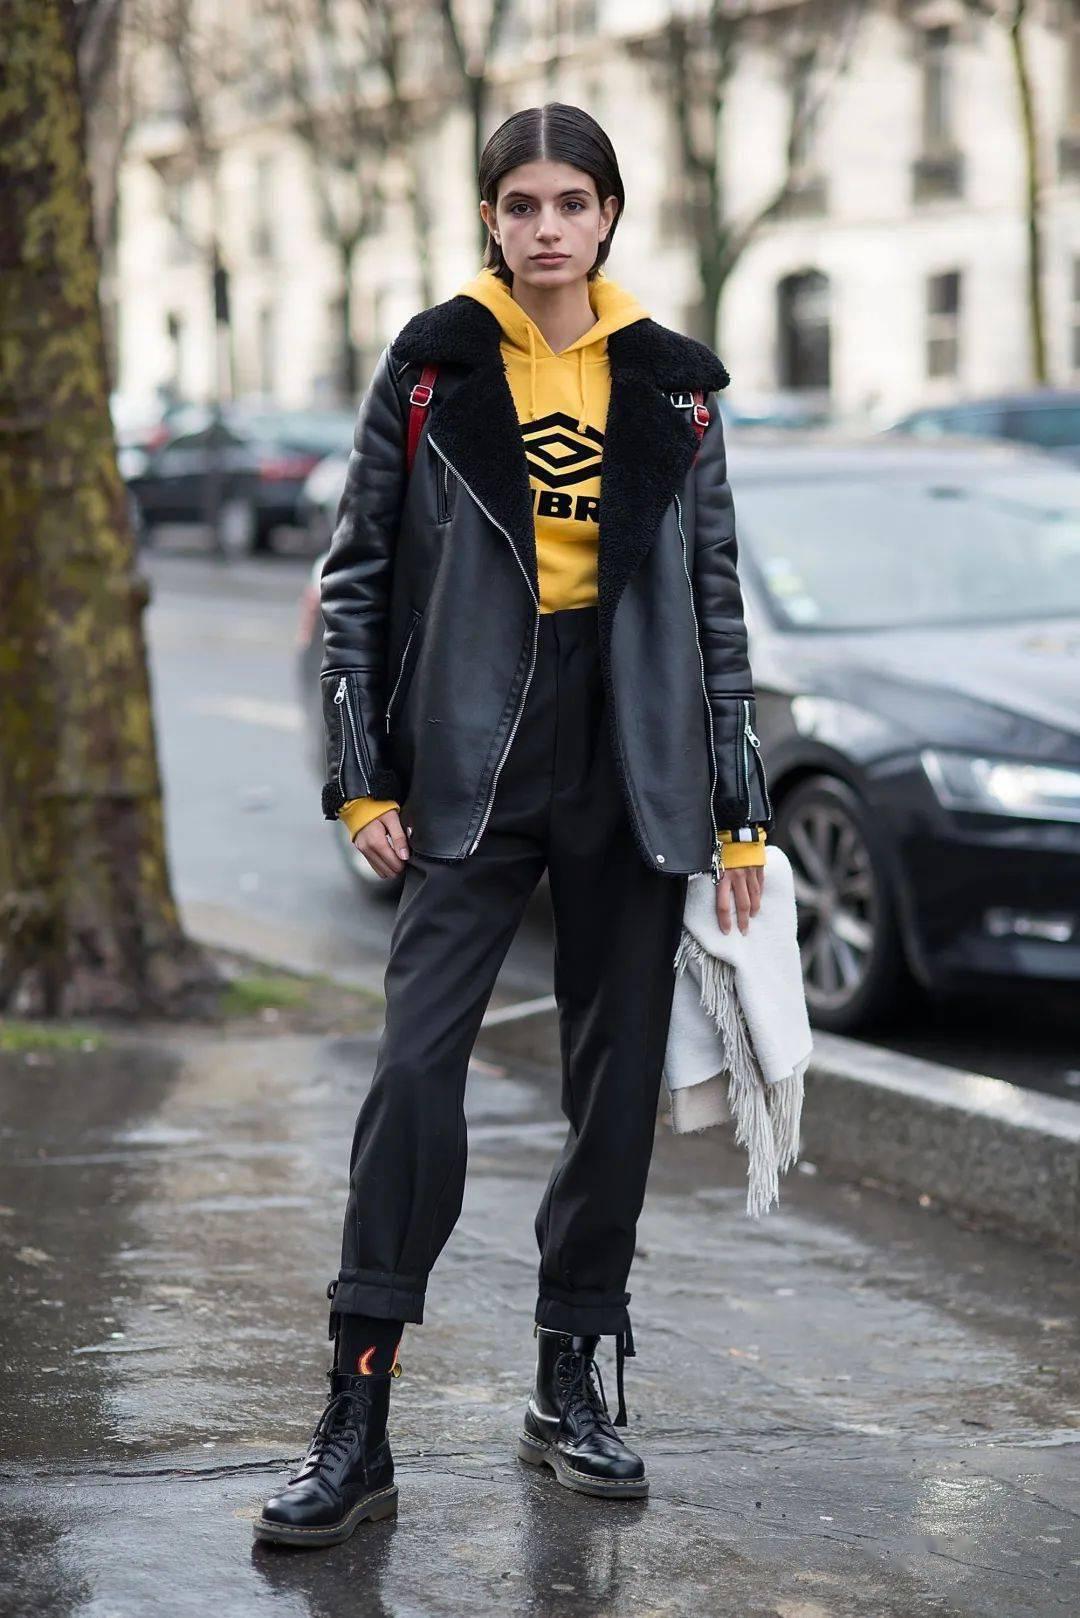 马丁靴+裙子,马丁靴+工装裤……又酷又撩,时髦炸了!     第35张